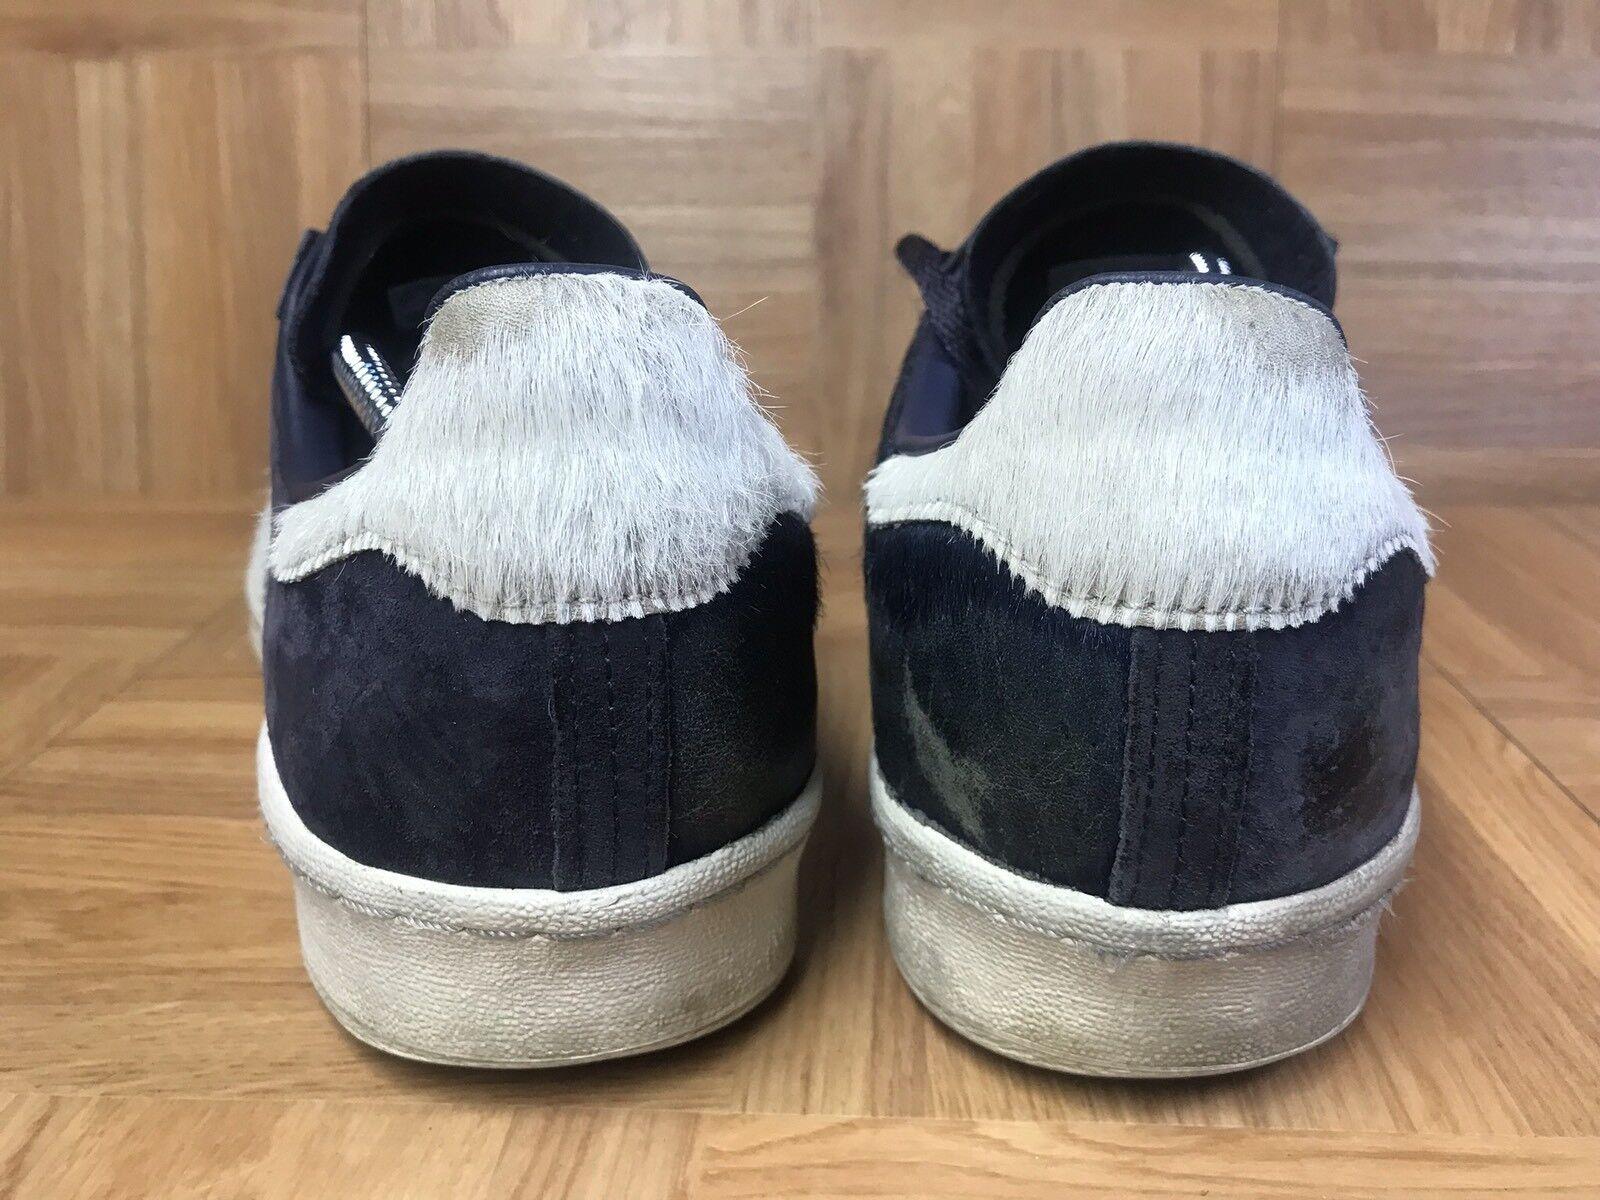 Vntg � campus adidas x aziz, vef campus � aus pferdehaar royal - blau - weiß g97269 männer sz 10,5 66e934